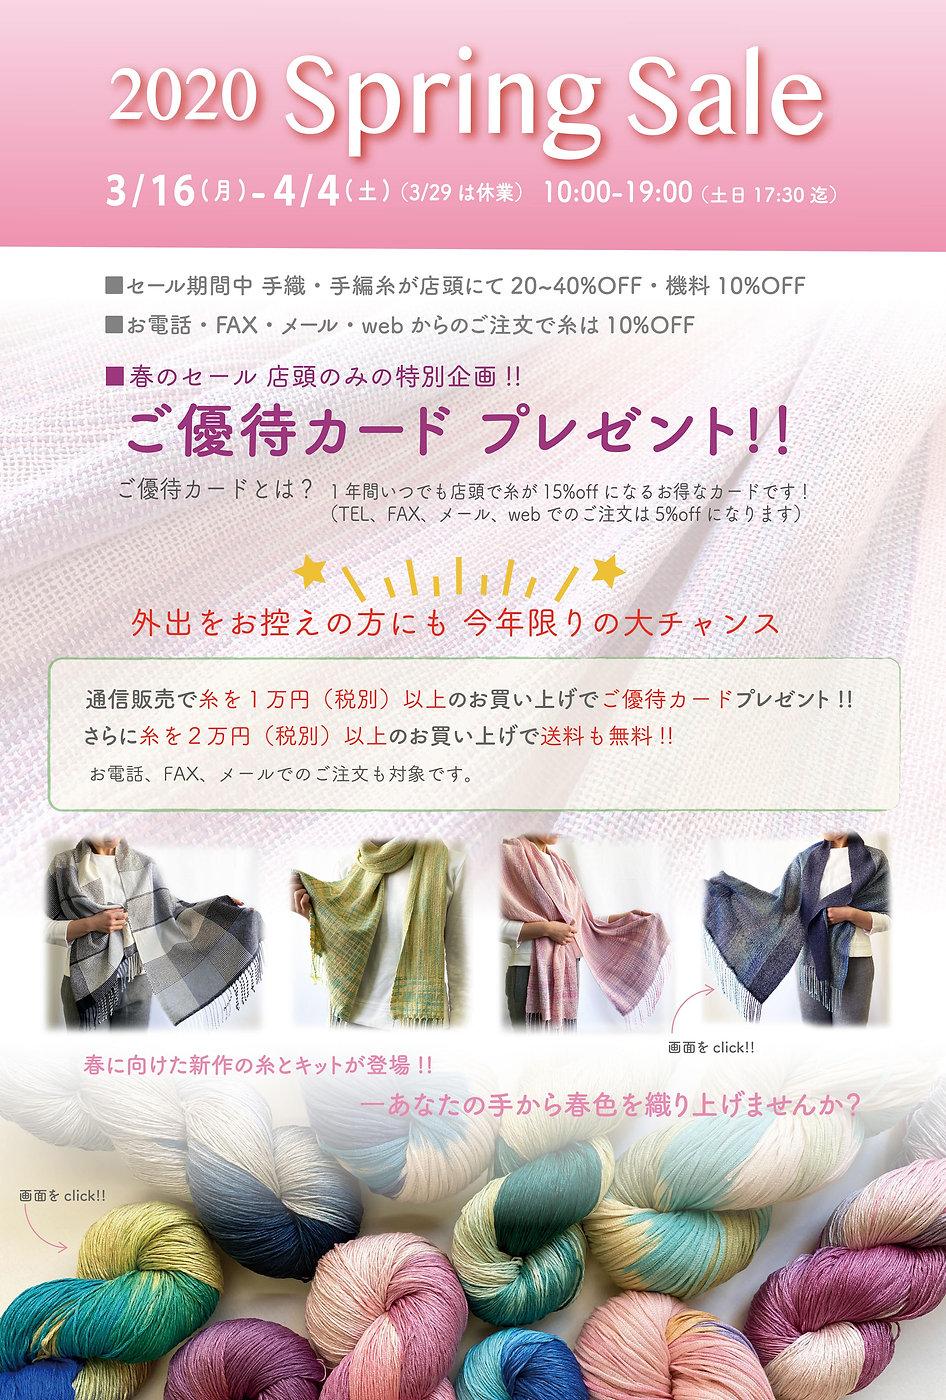 20春セールweb-02-min.jpg